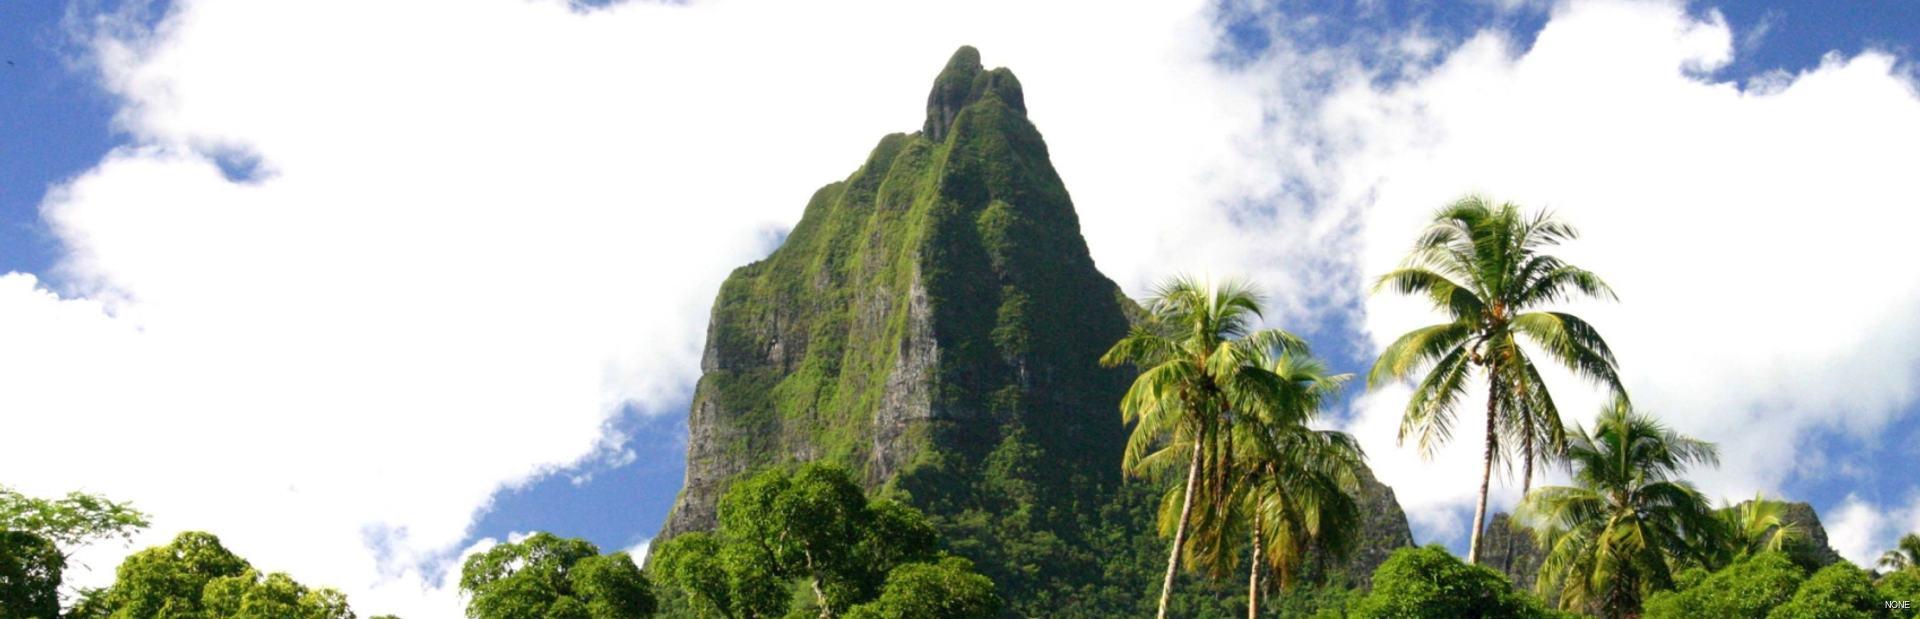 French Polynesia climate photo